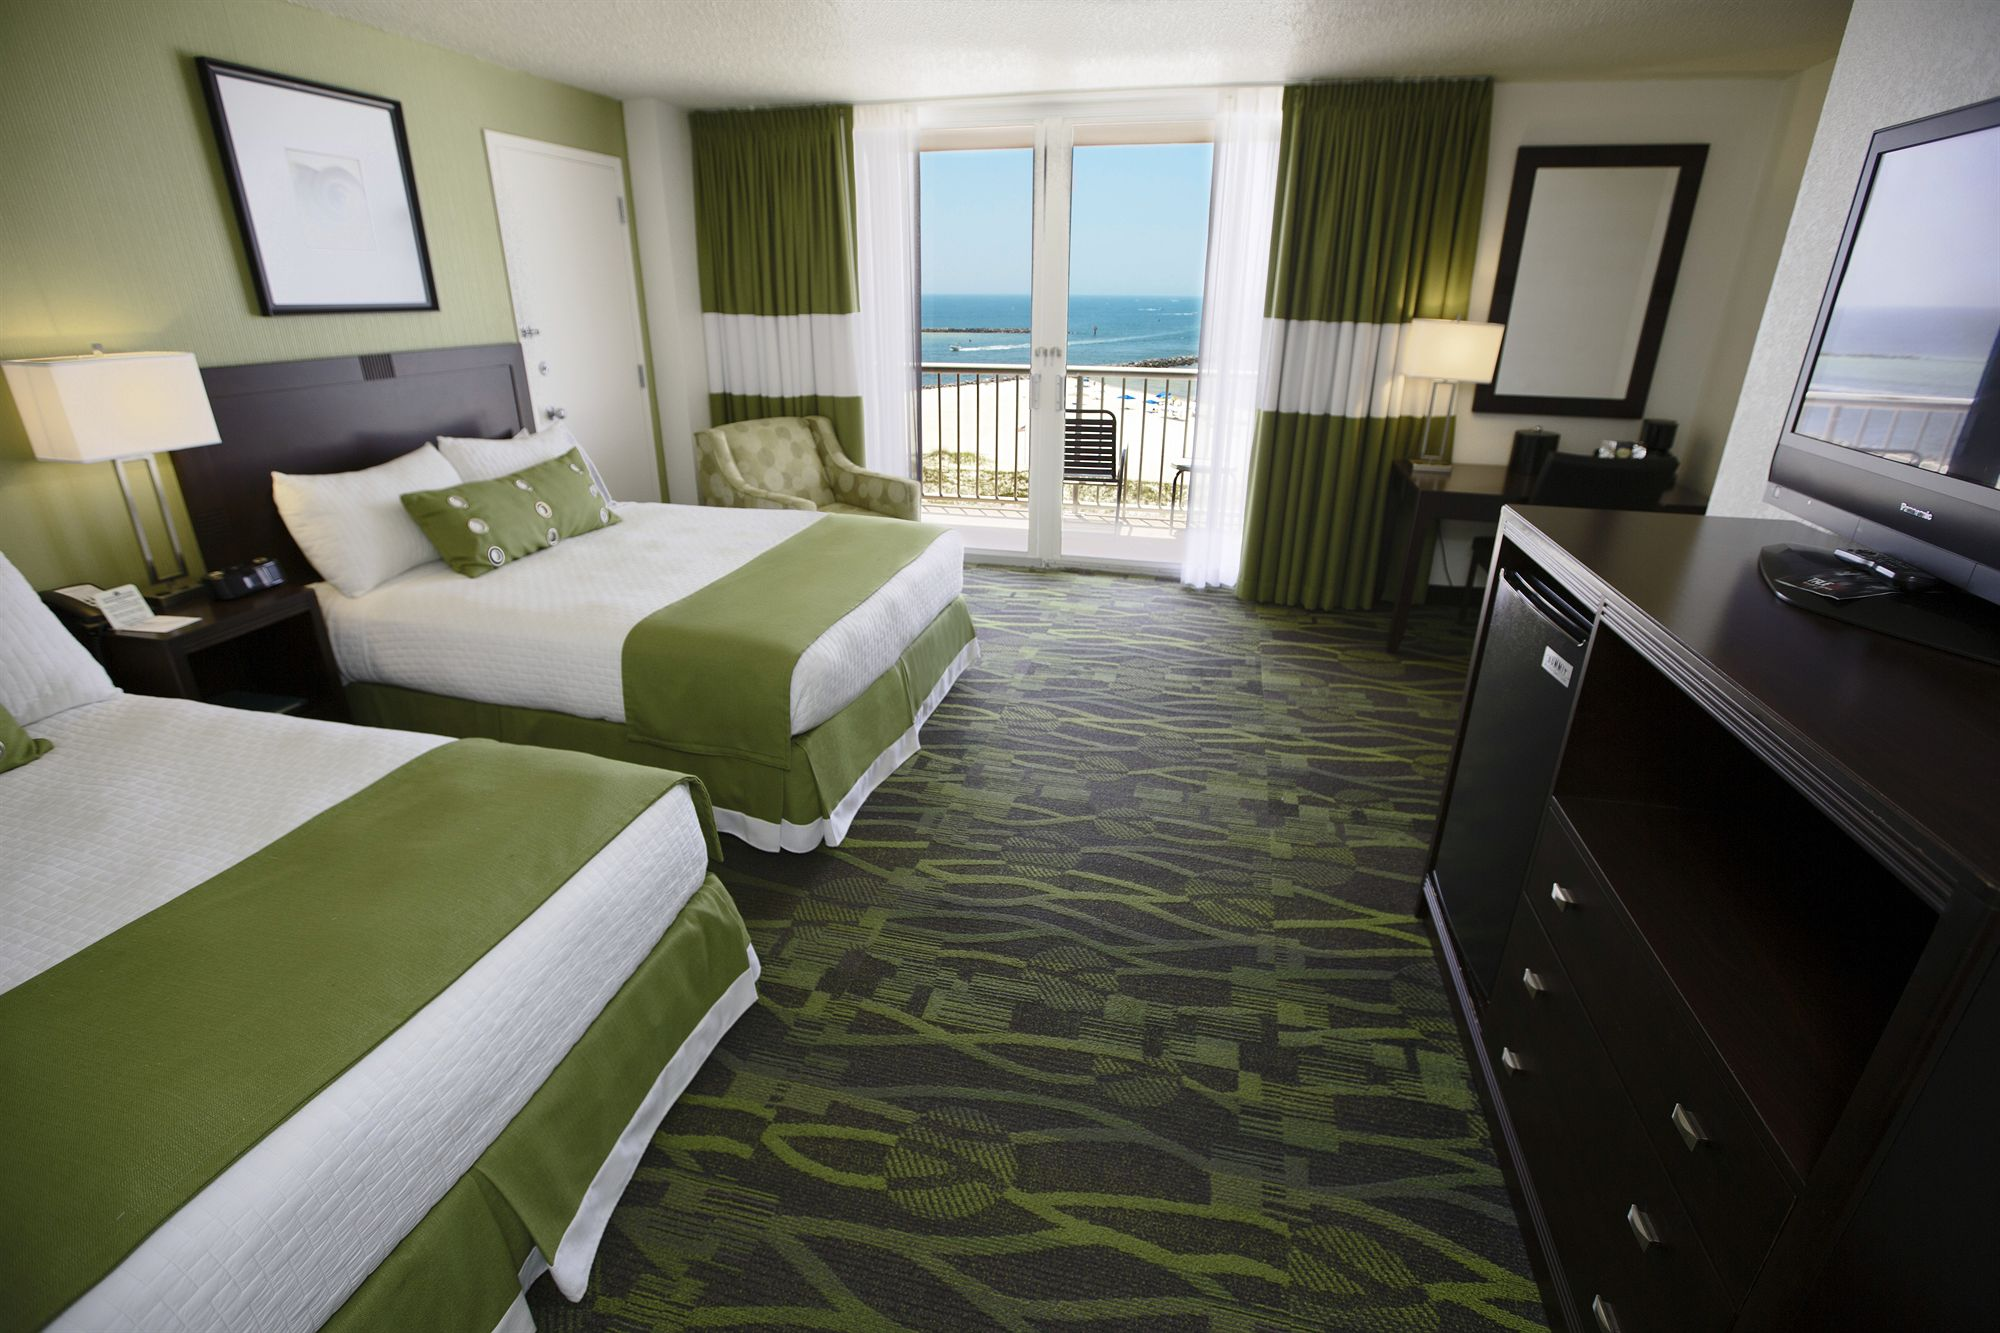 Perdido Beach Resort in Orange Beach, AL